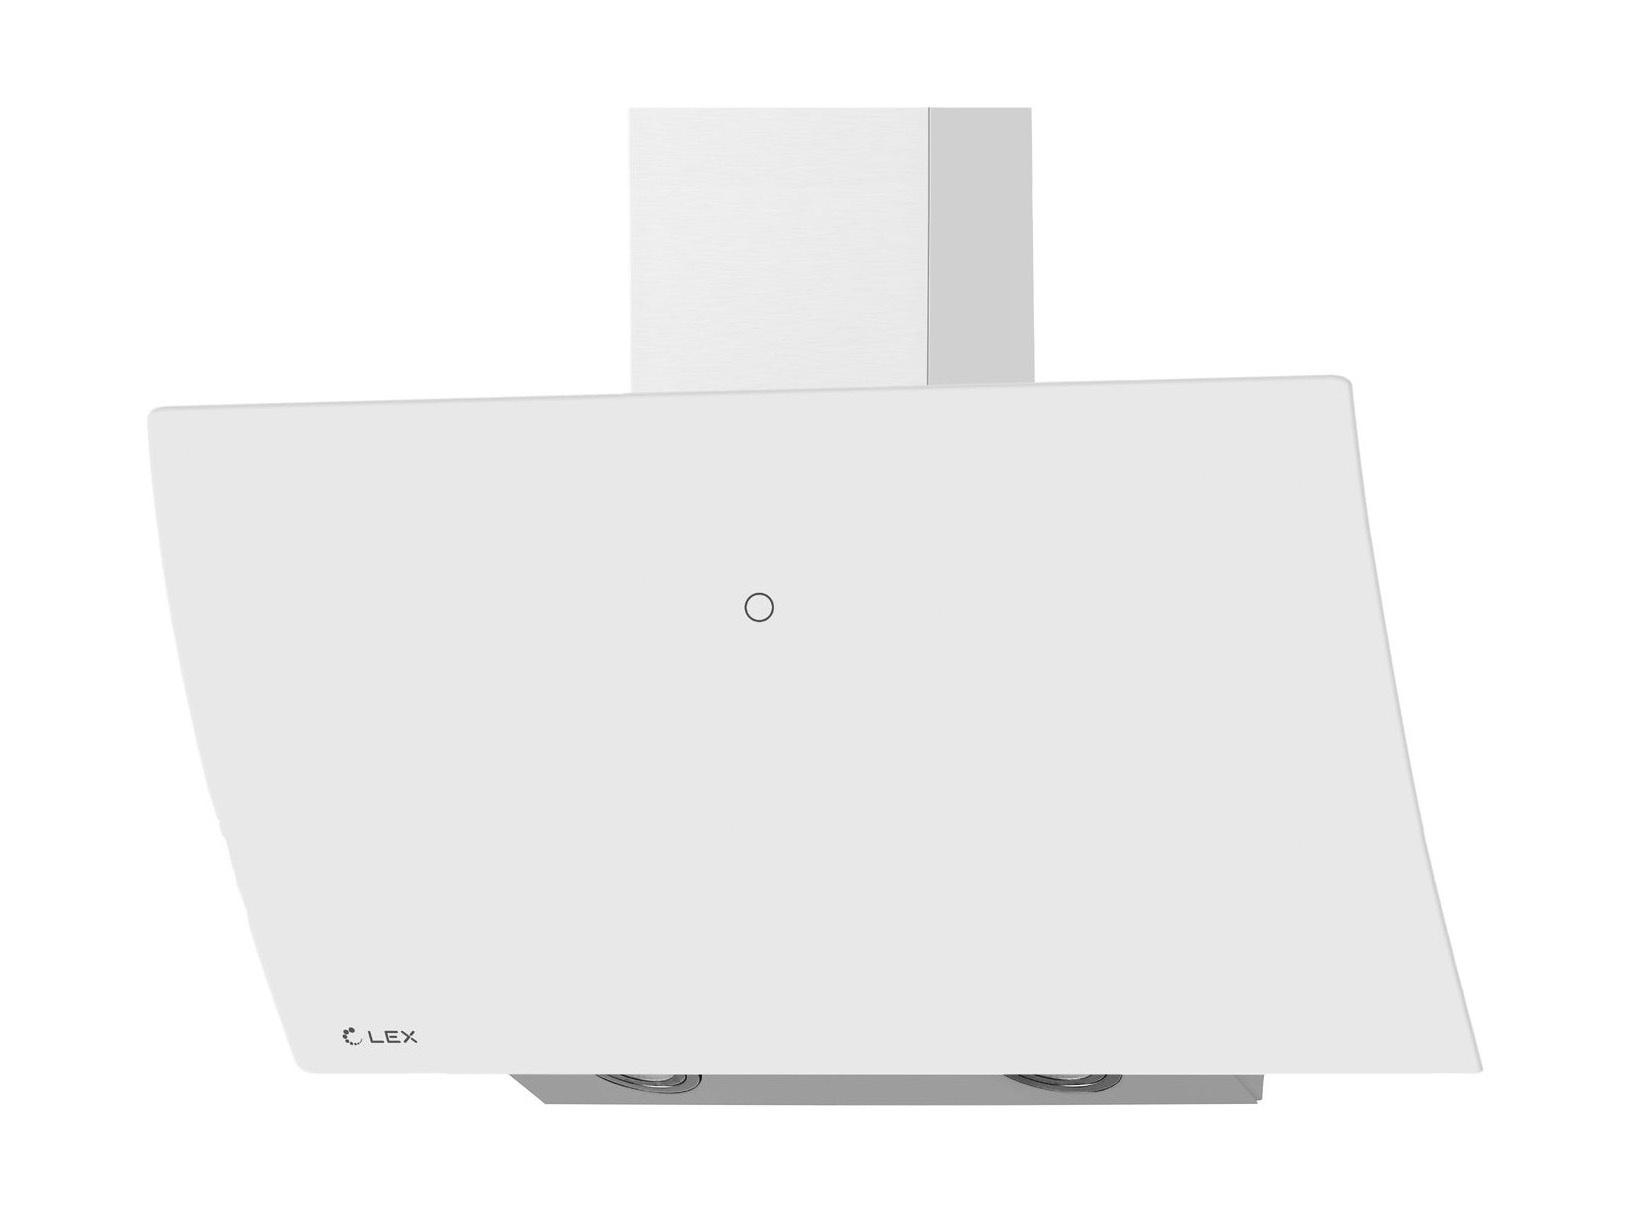 Вытяжка LEX Plaza GS 900 WH белый